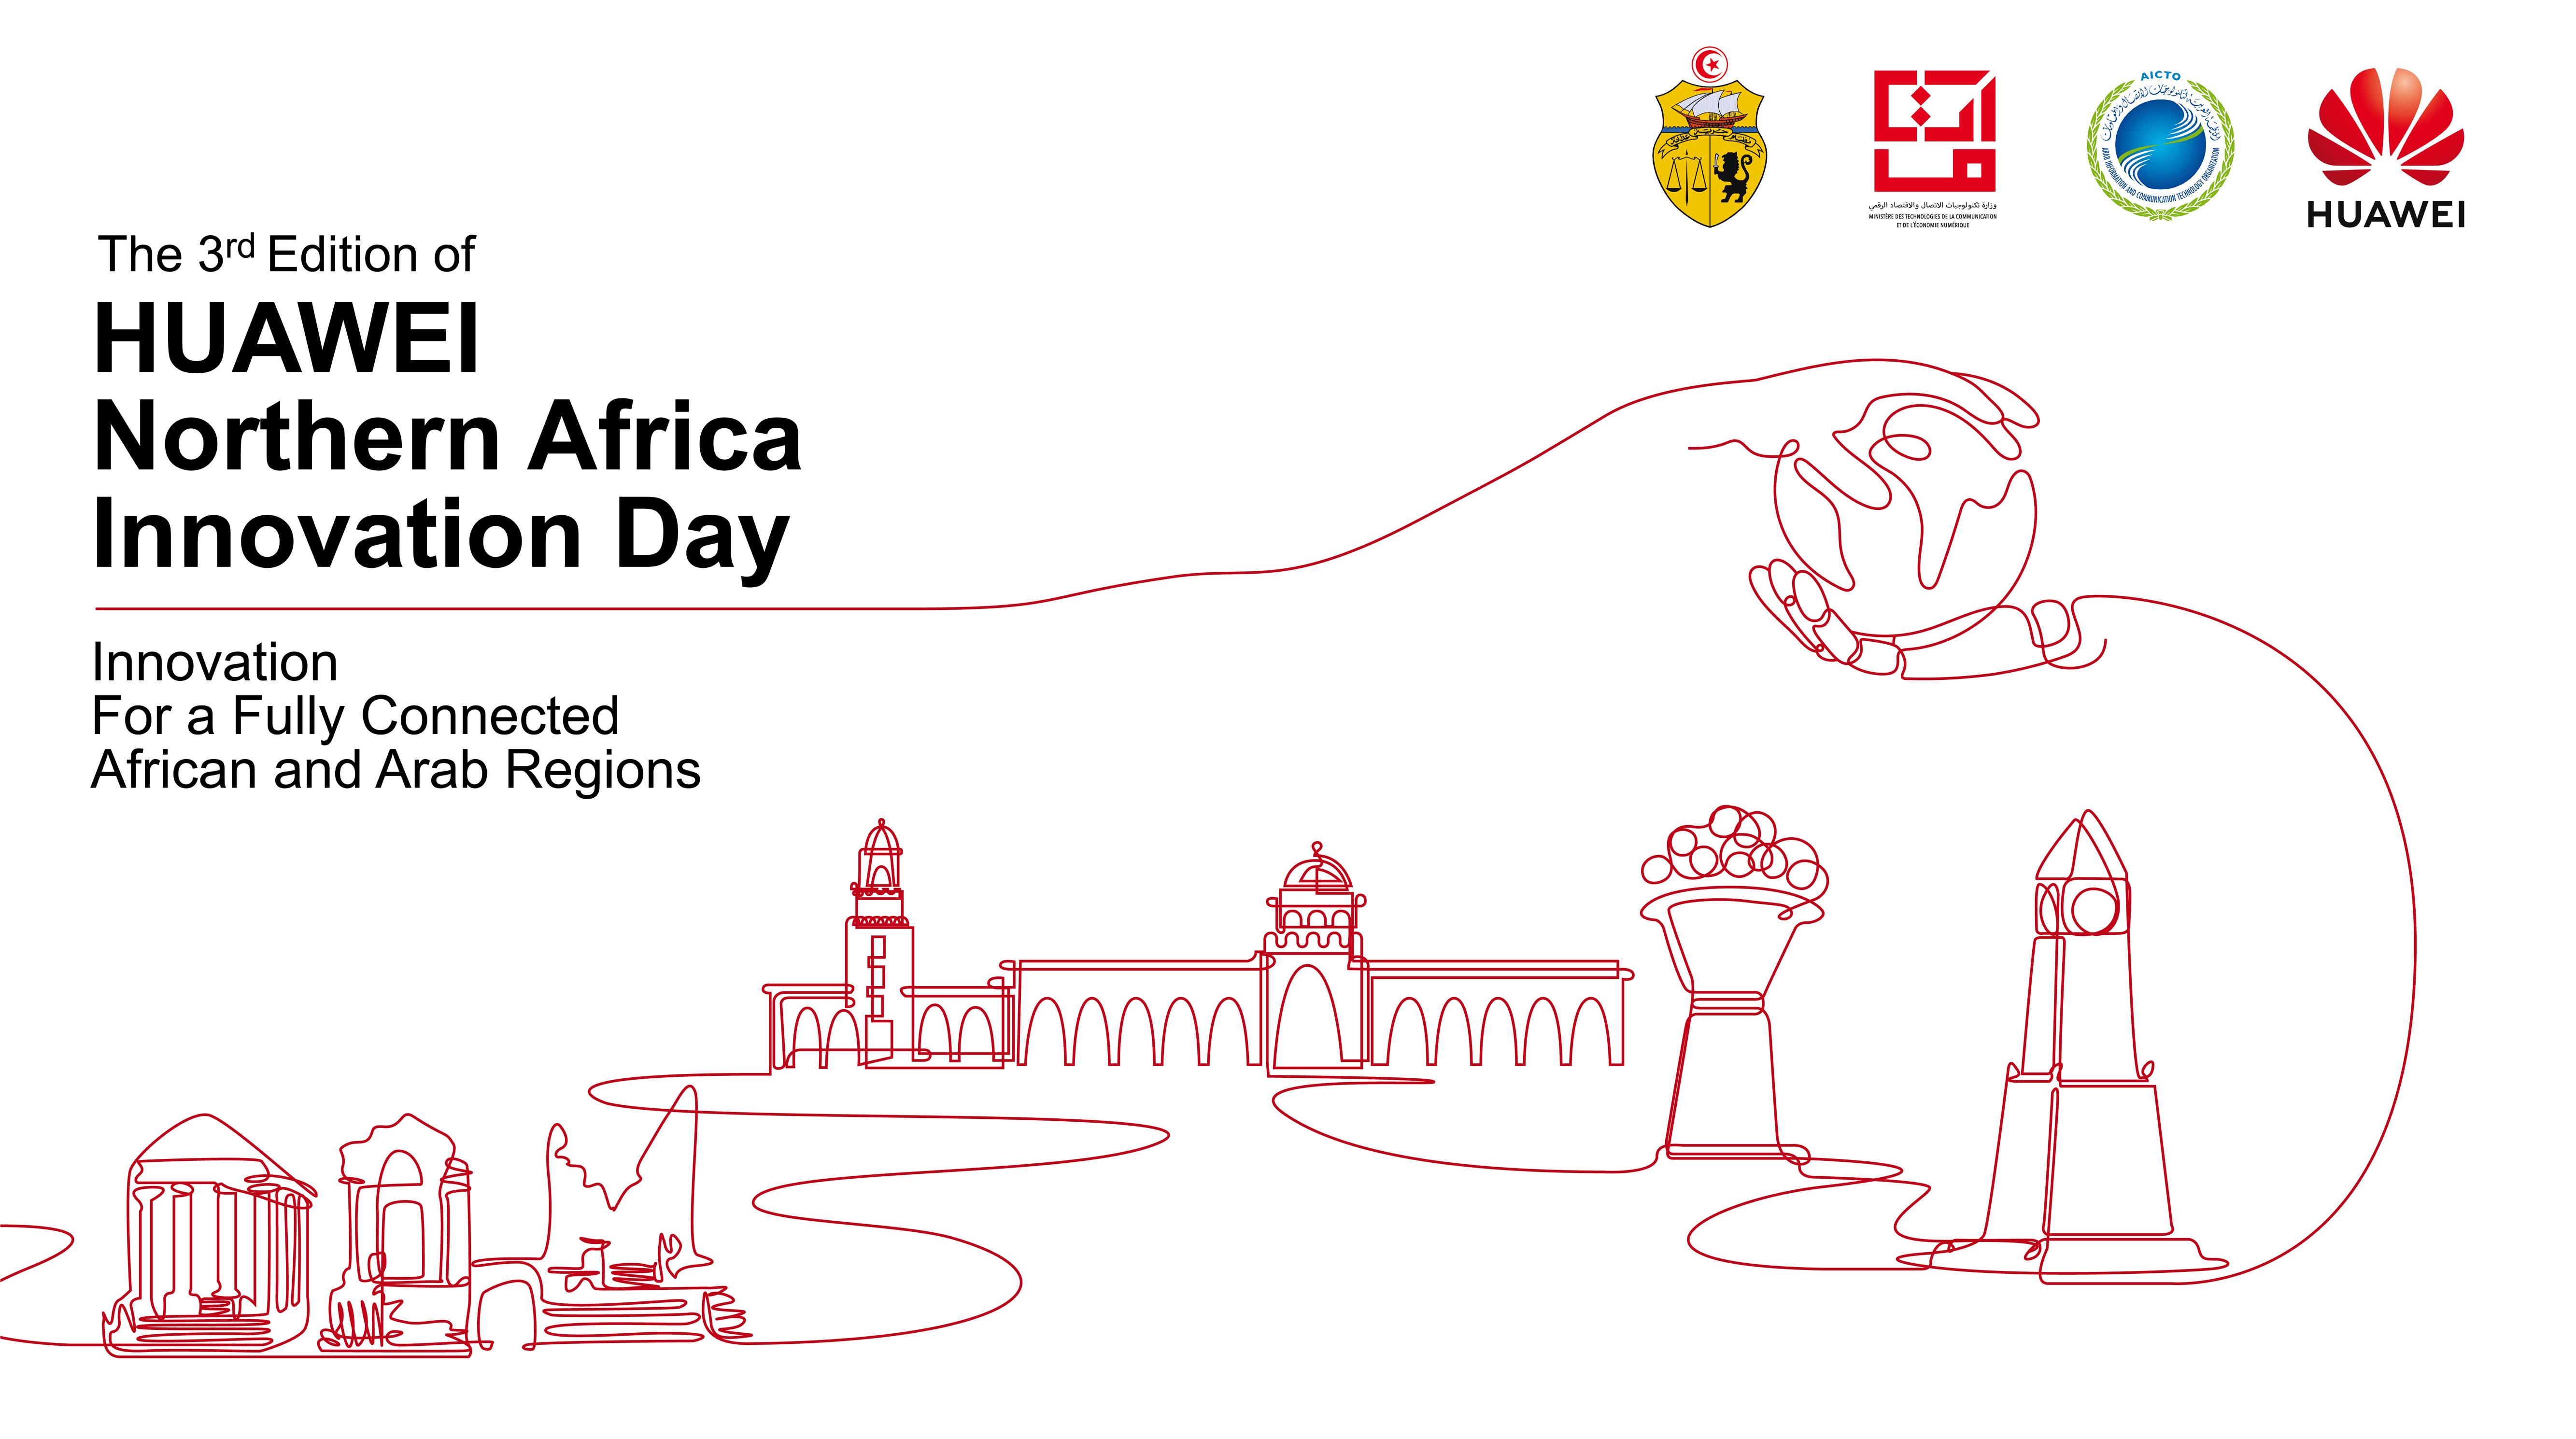 تونس تحتضن الدورة الثالثة لمنتدى هواوي للابتكار التكنولوجي في شمال إفريقيا: